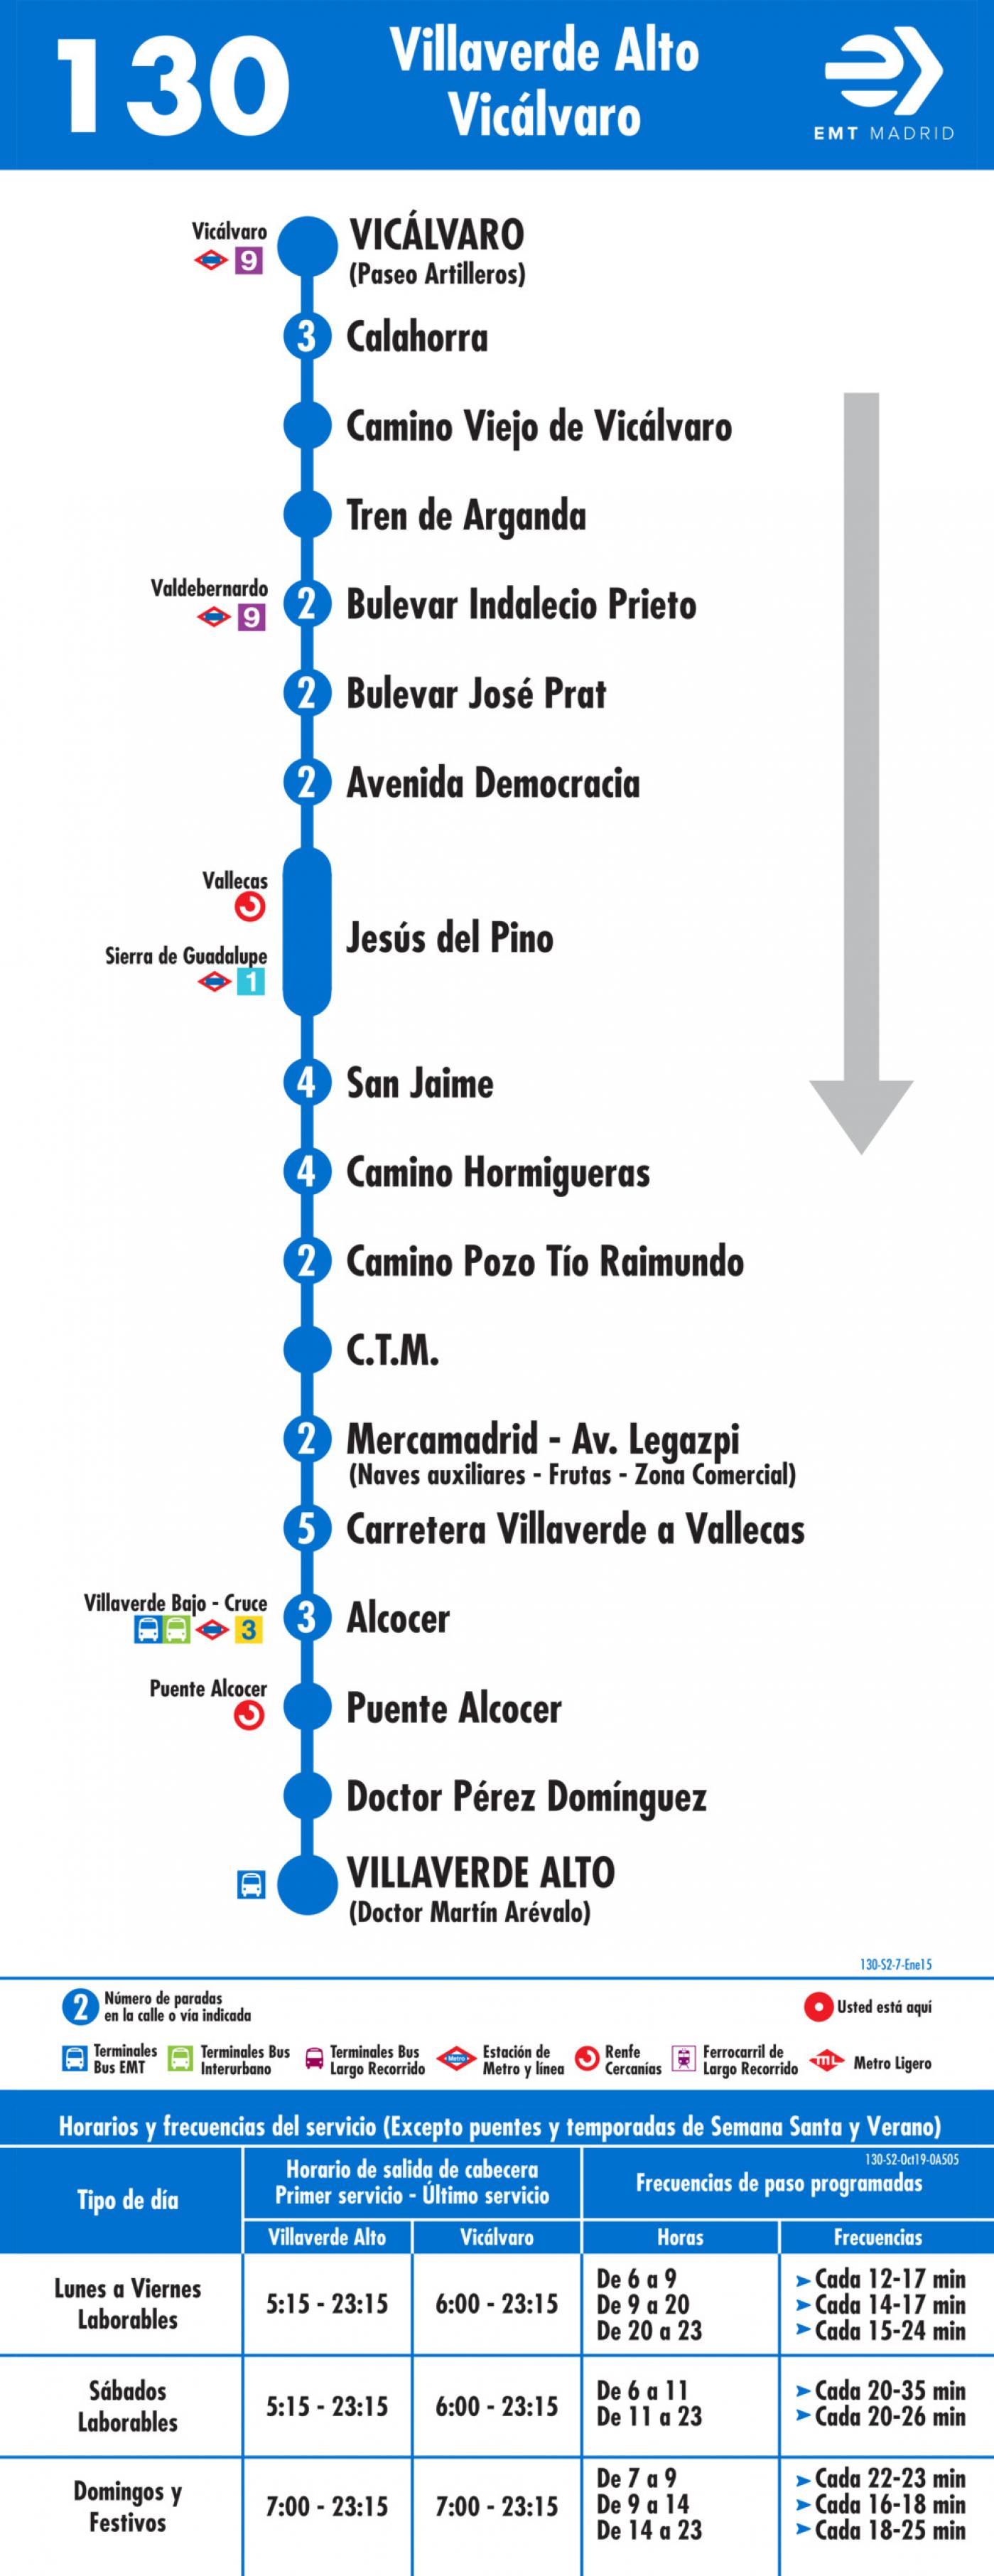 Tabla de horarios y frecuencias de paso en sentido vuelta Línea 130: Villaverde Alto - Vicálvaro